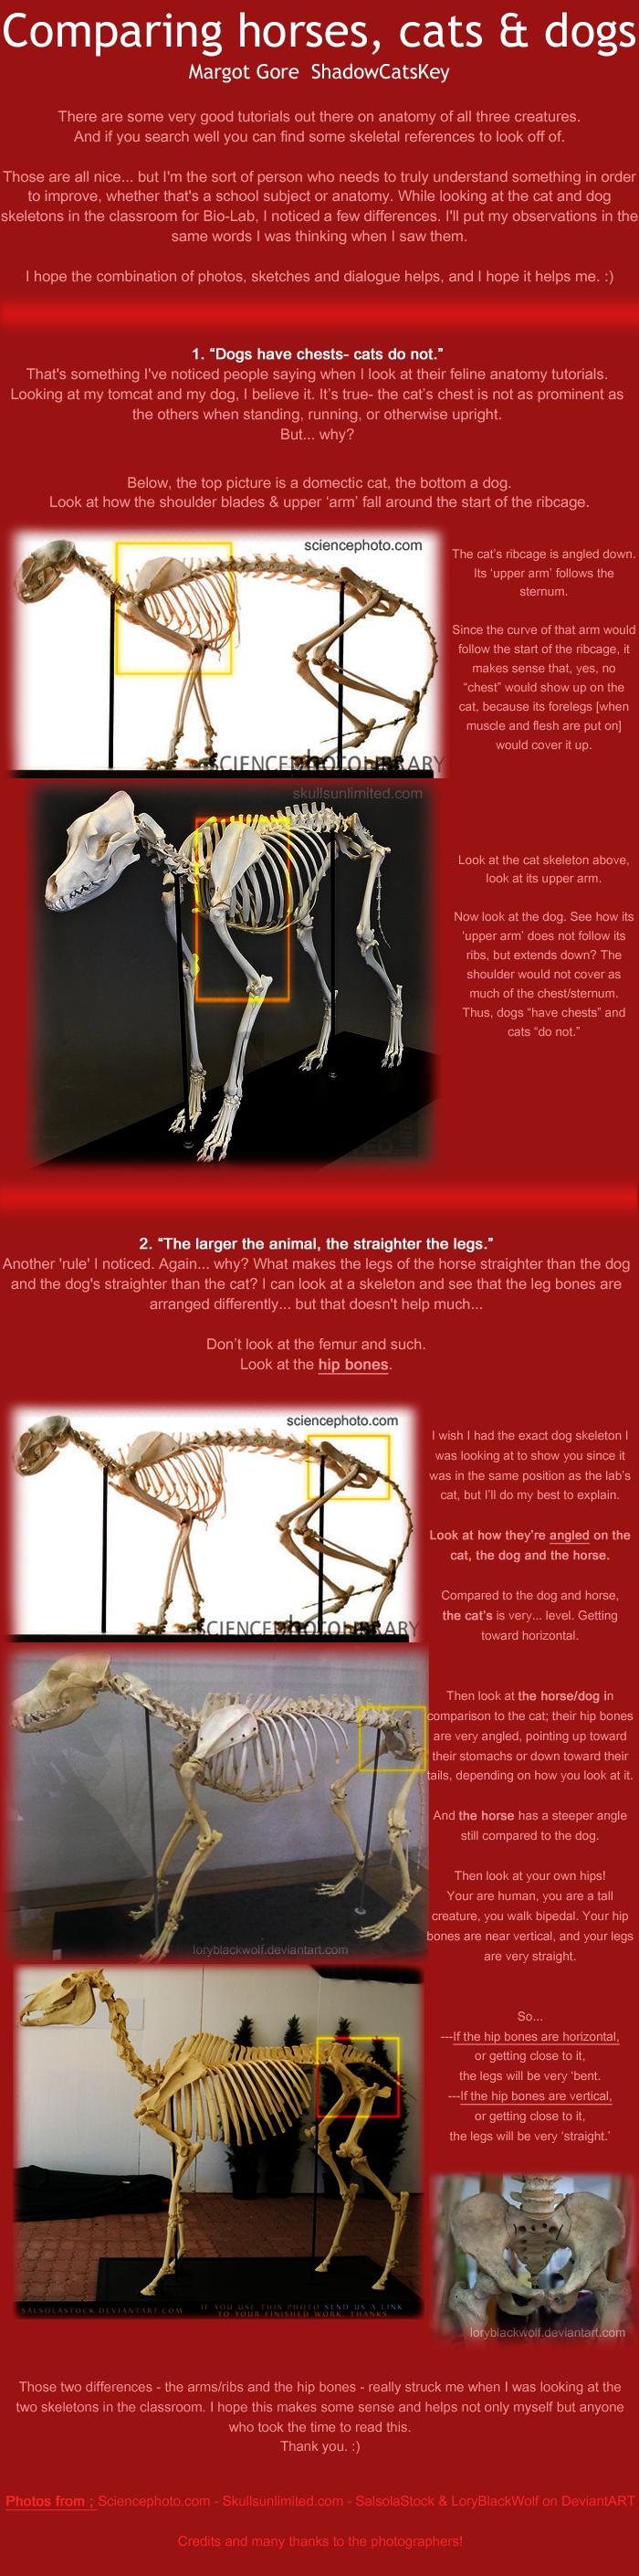 Cat Vs Horse Vs Dog Anatomy By Shadowcatskey On Deviantart